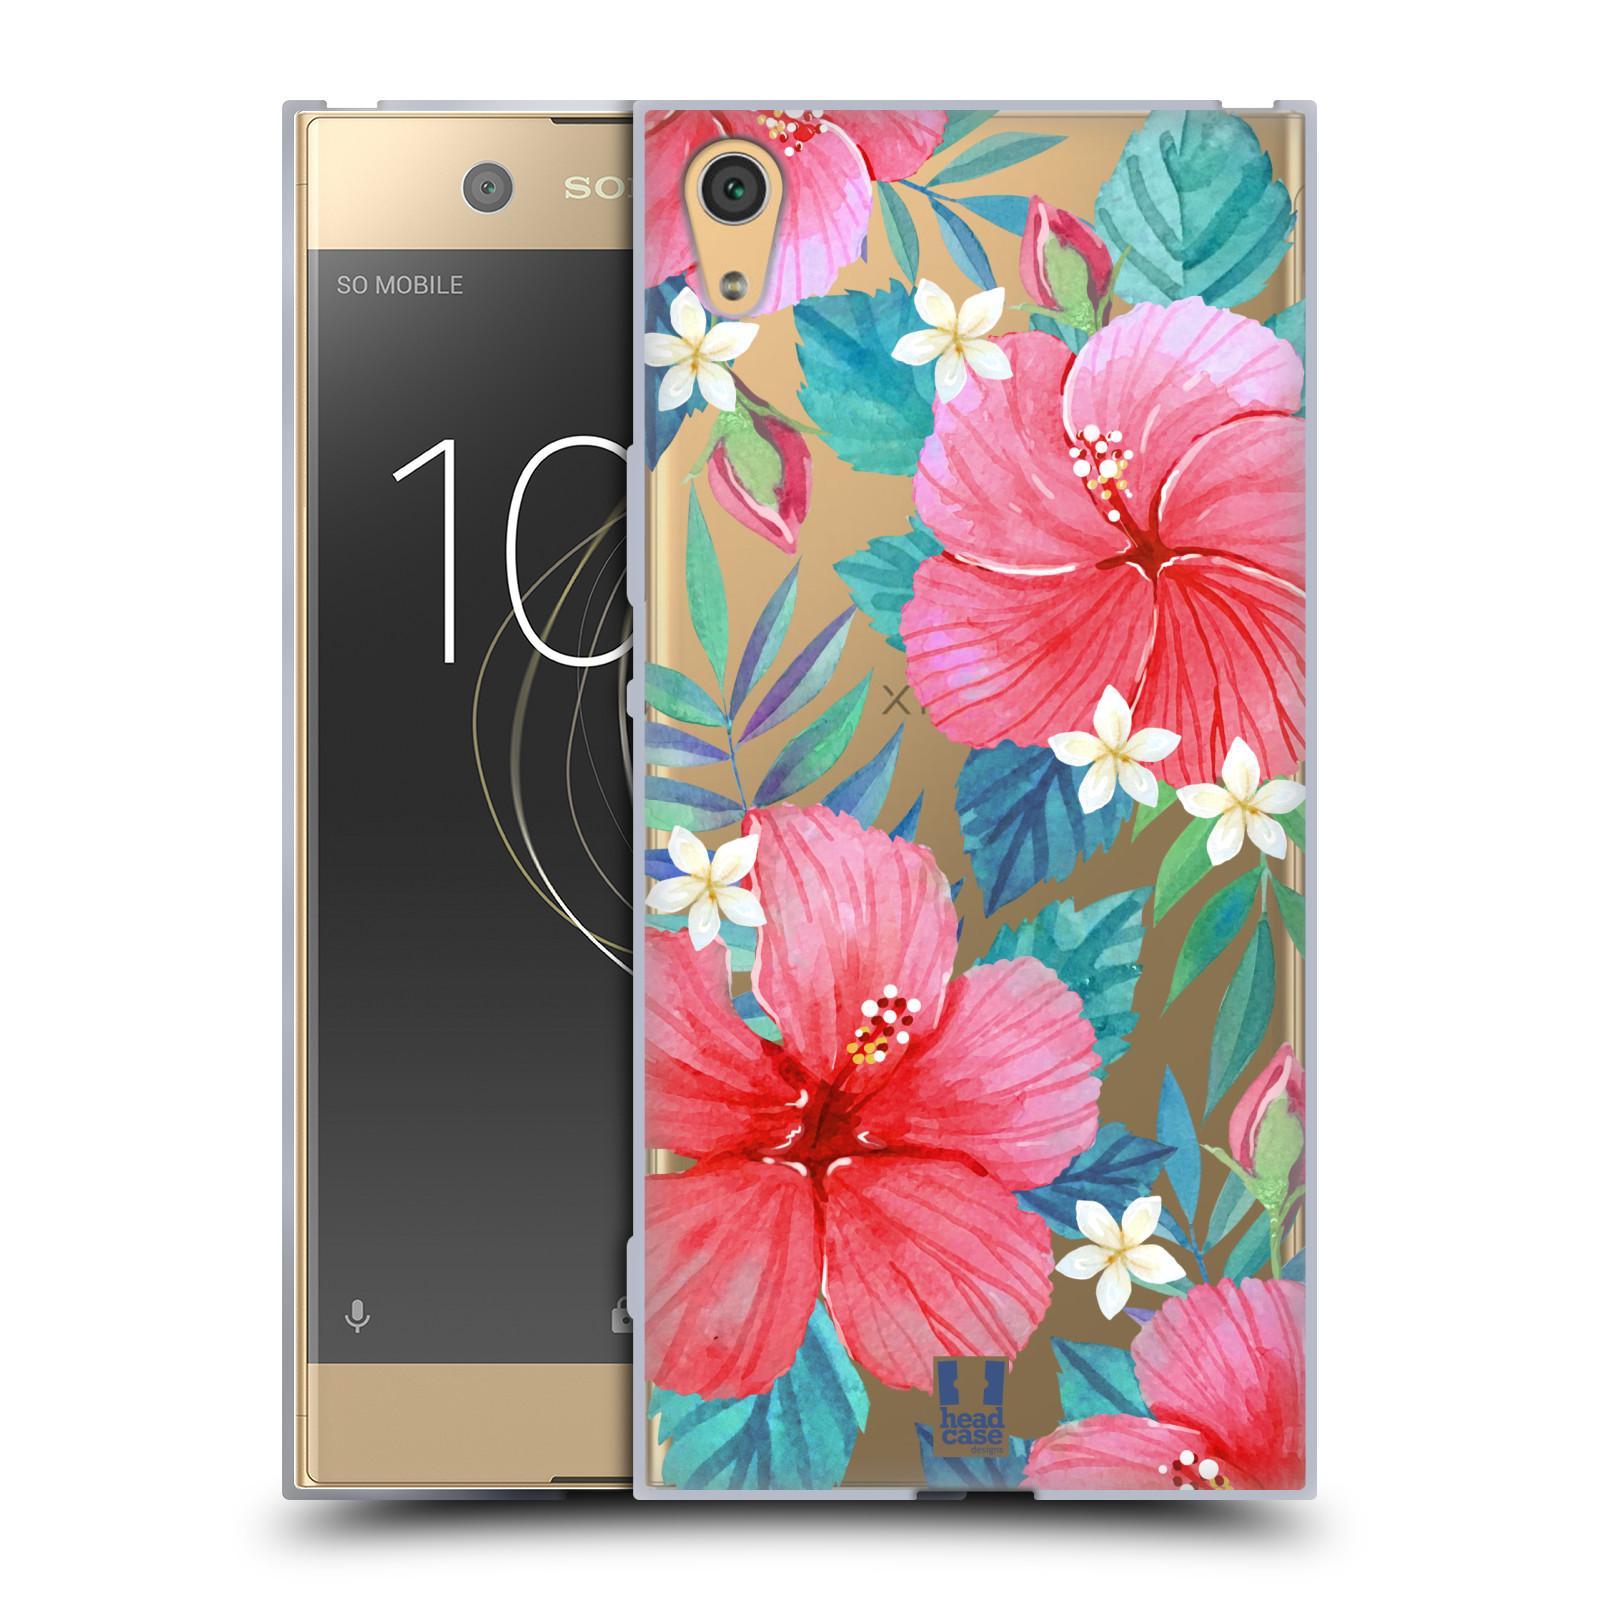 HEAD CASE silikonový obal na mobil Sony Xperia XA1 ULTRA květinové vzory Ibišek čínská růže